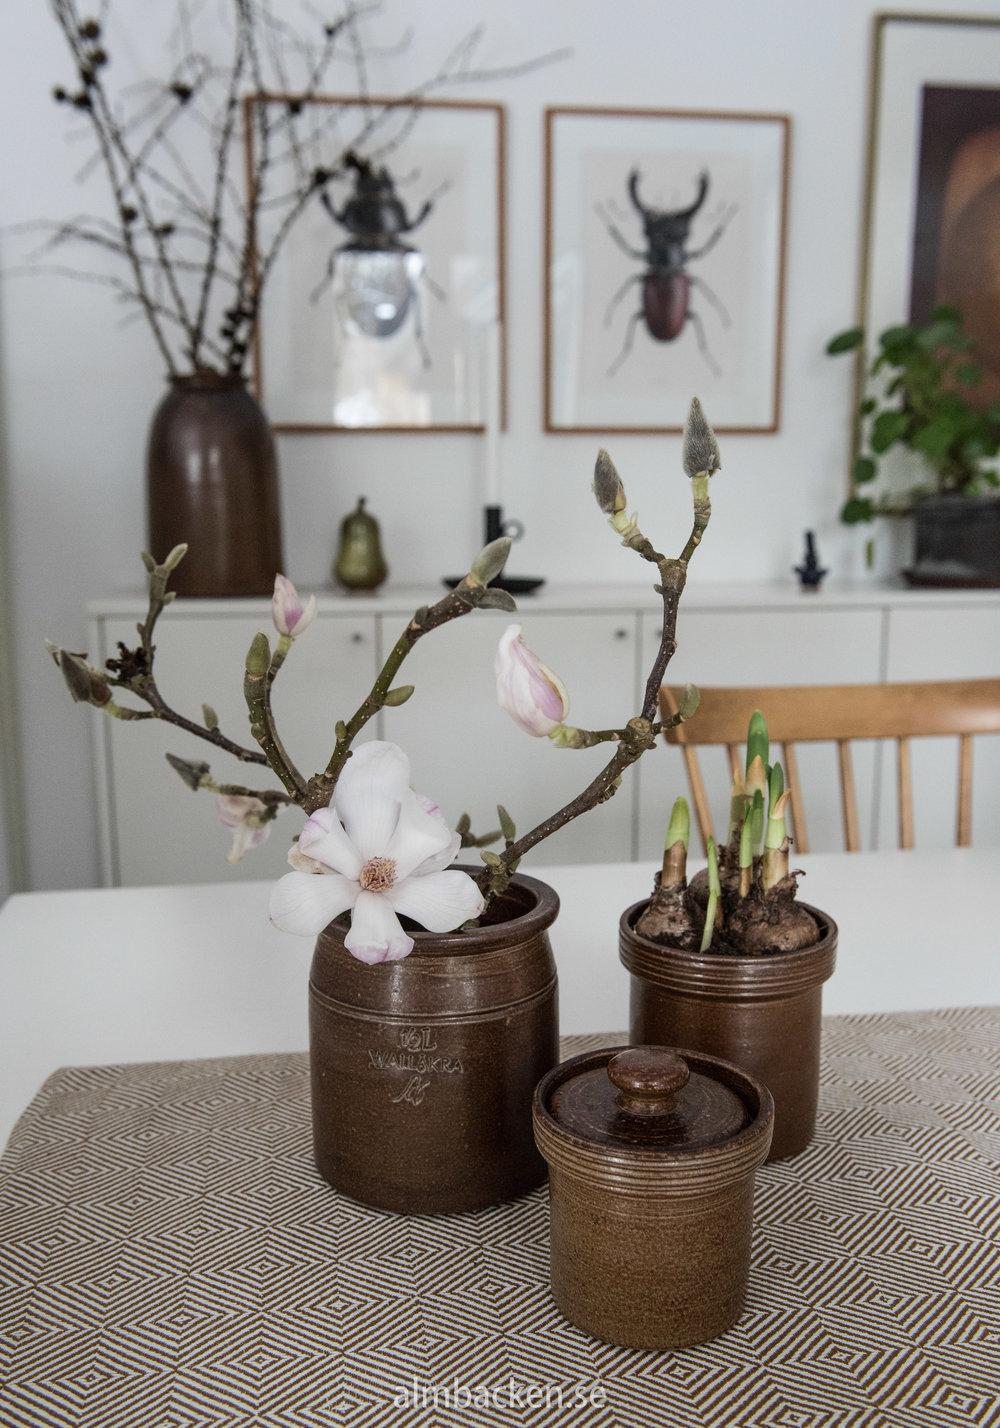 Magnolia-wallåkra-6.jpg